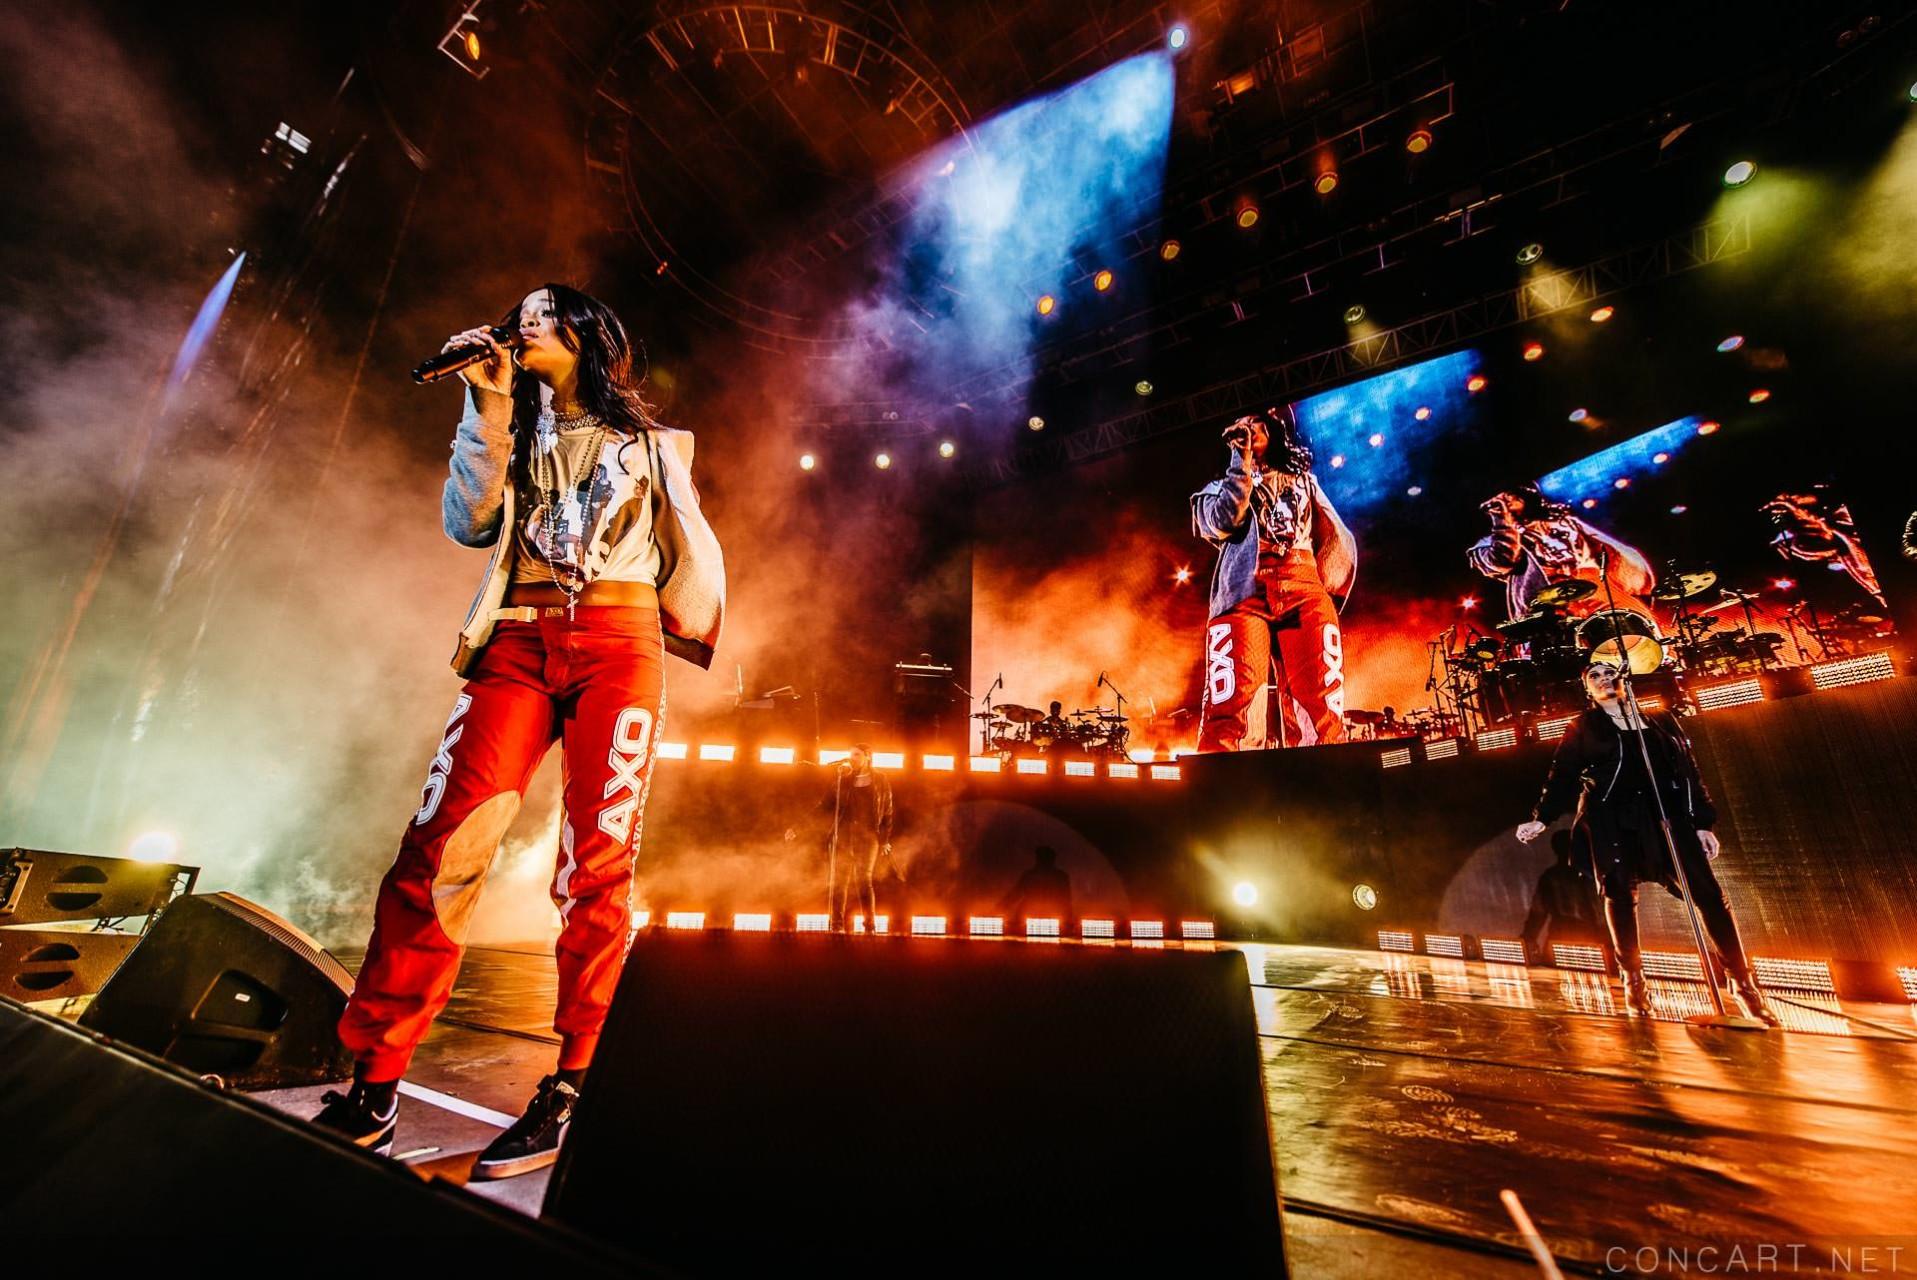 Rihanna photo by Sean Molin 6